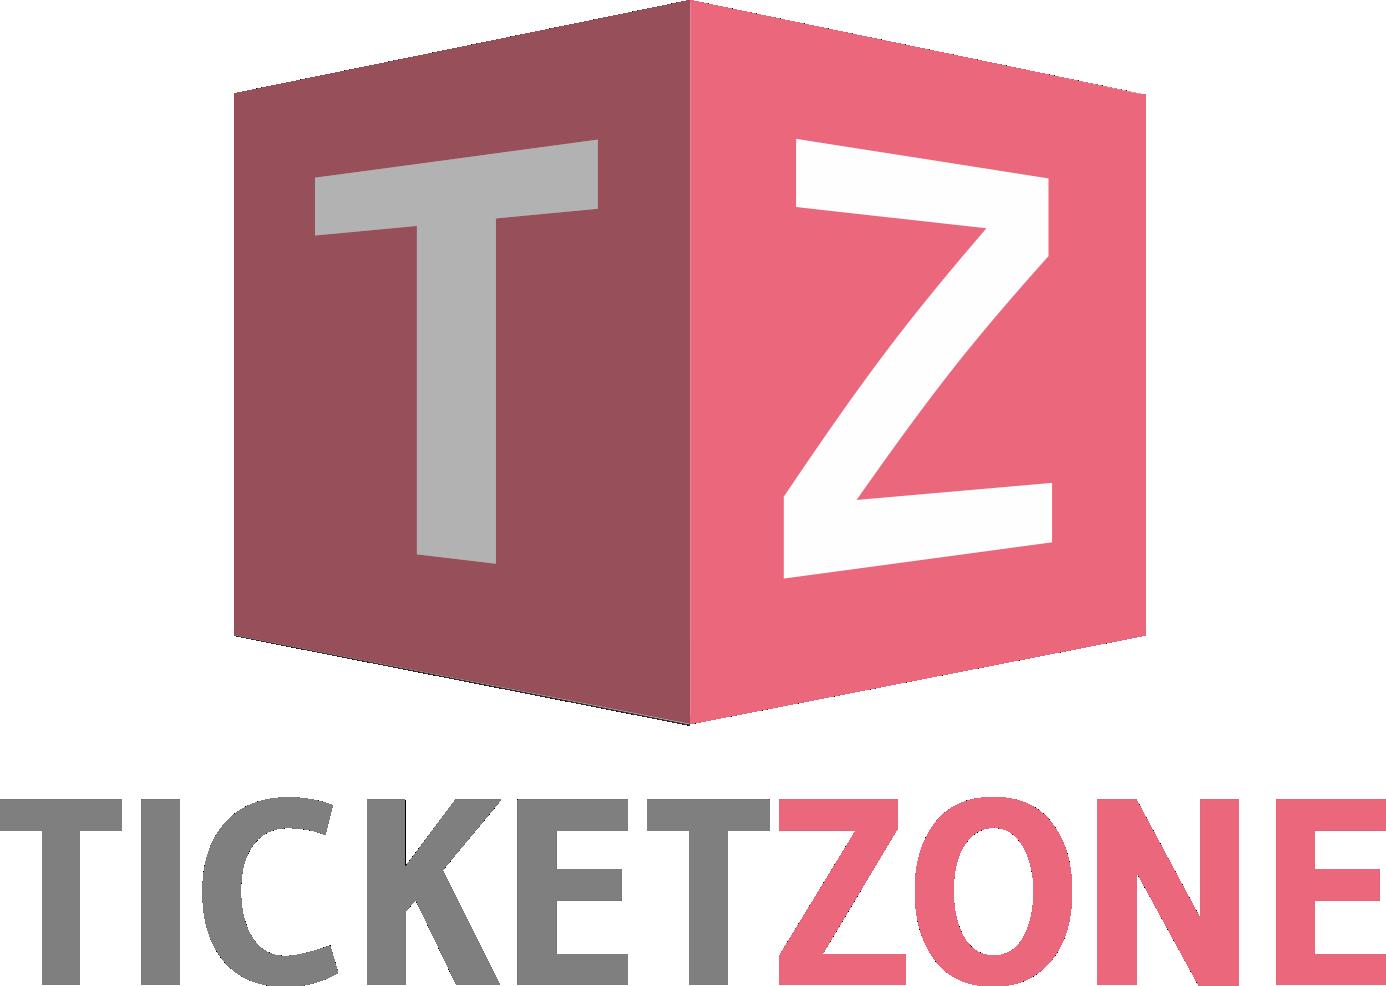 Ticket Zone joins FanFair Alliance